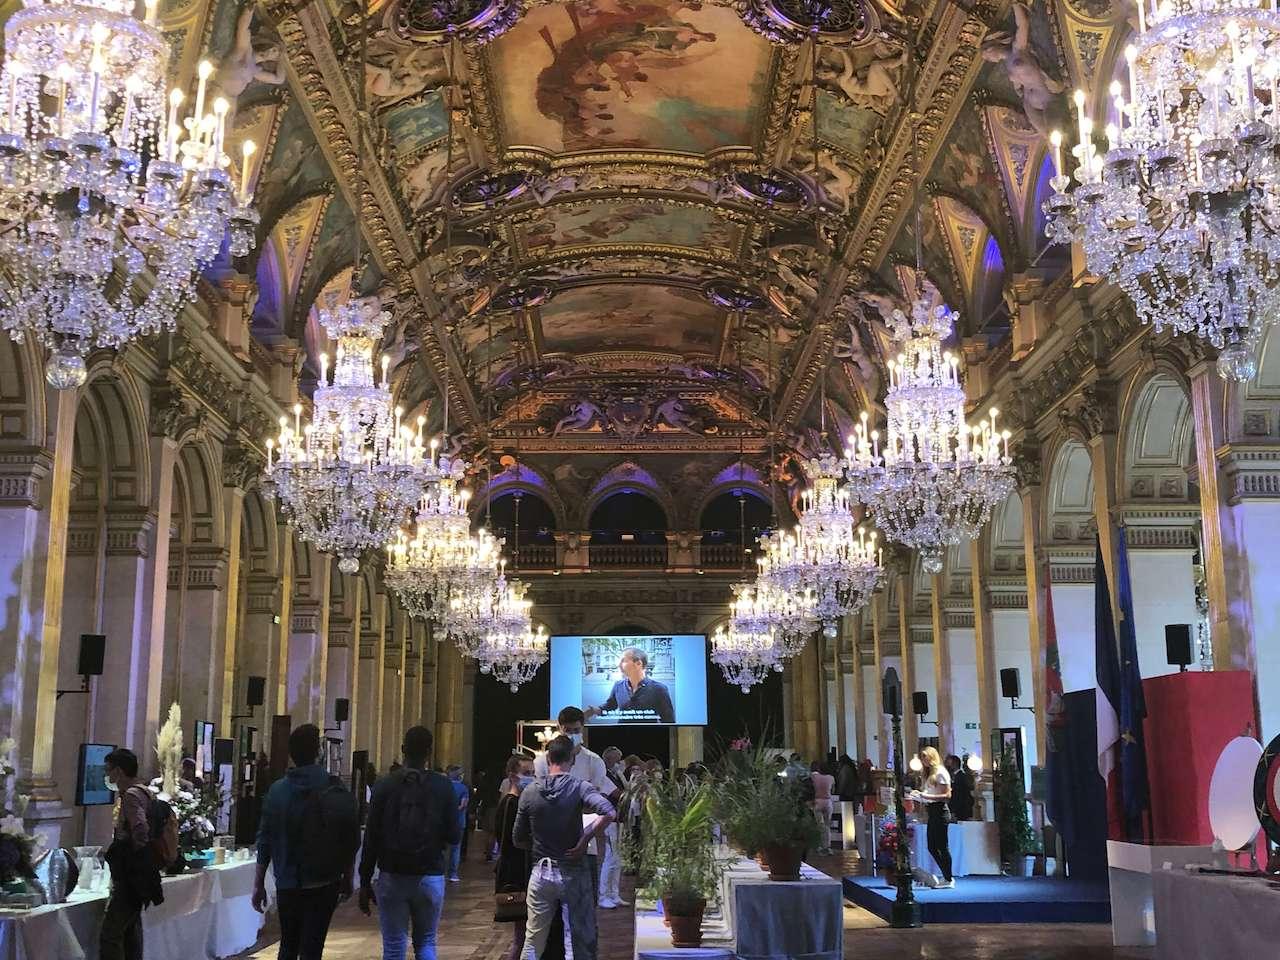 パリ最新情報「ヨーロッパ文化遺産の日、パリ市庁舎の内部を見学」